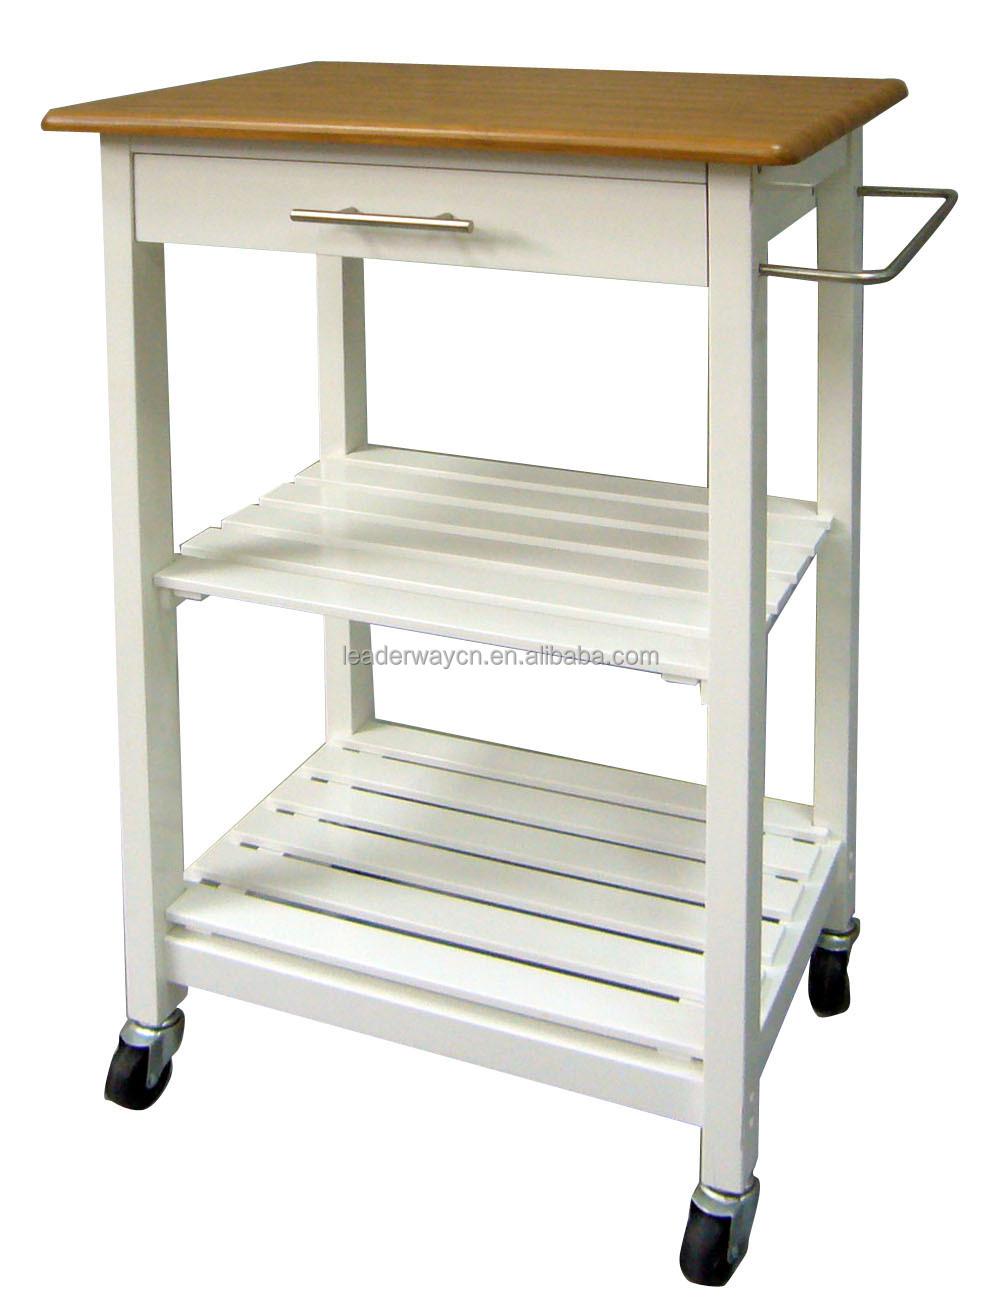 Nieuwe pvc top houten keuken kar keuken trolley met lade en wiel keukenmeubelen product id - Keuken ontwikkeling in l ...